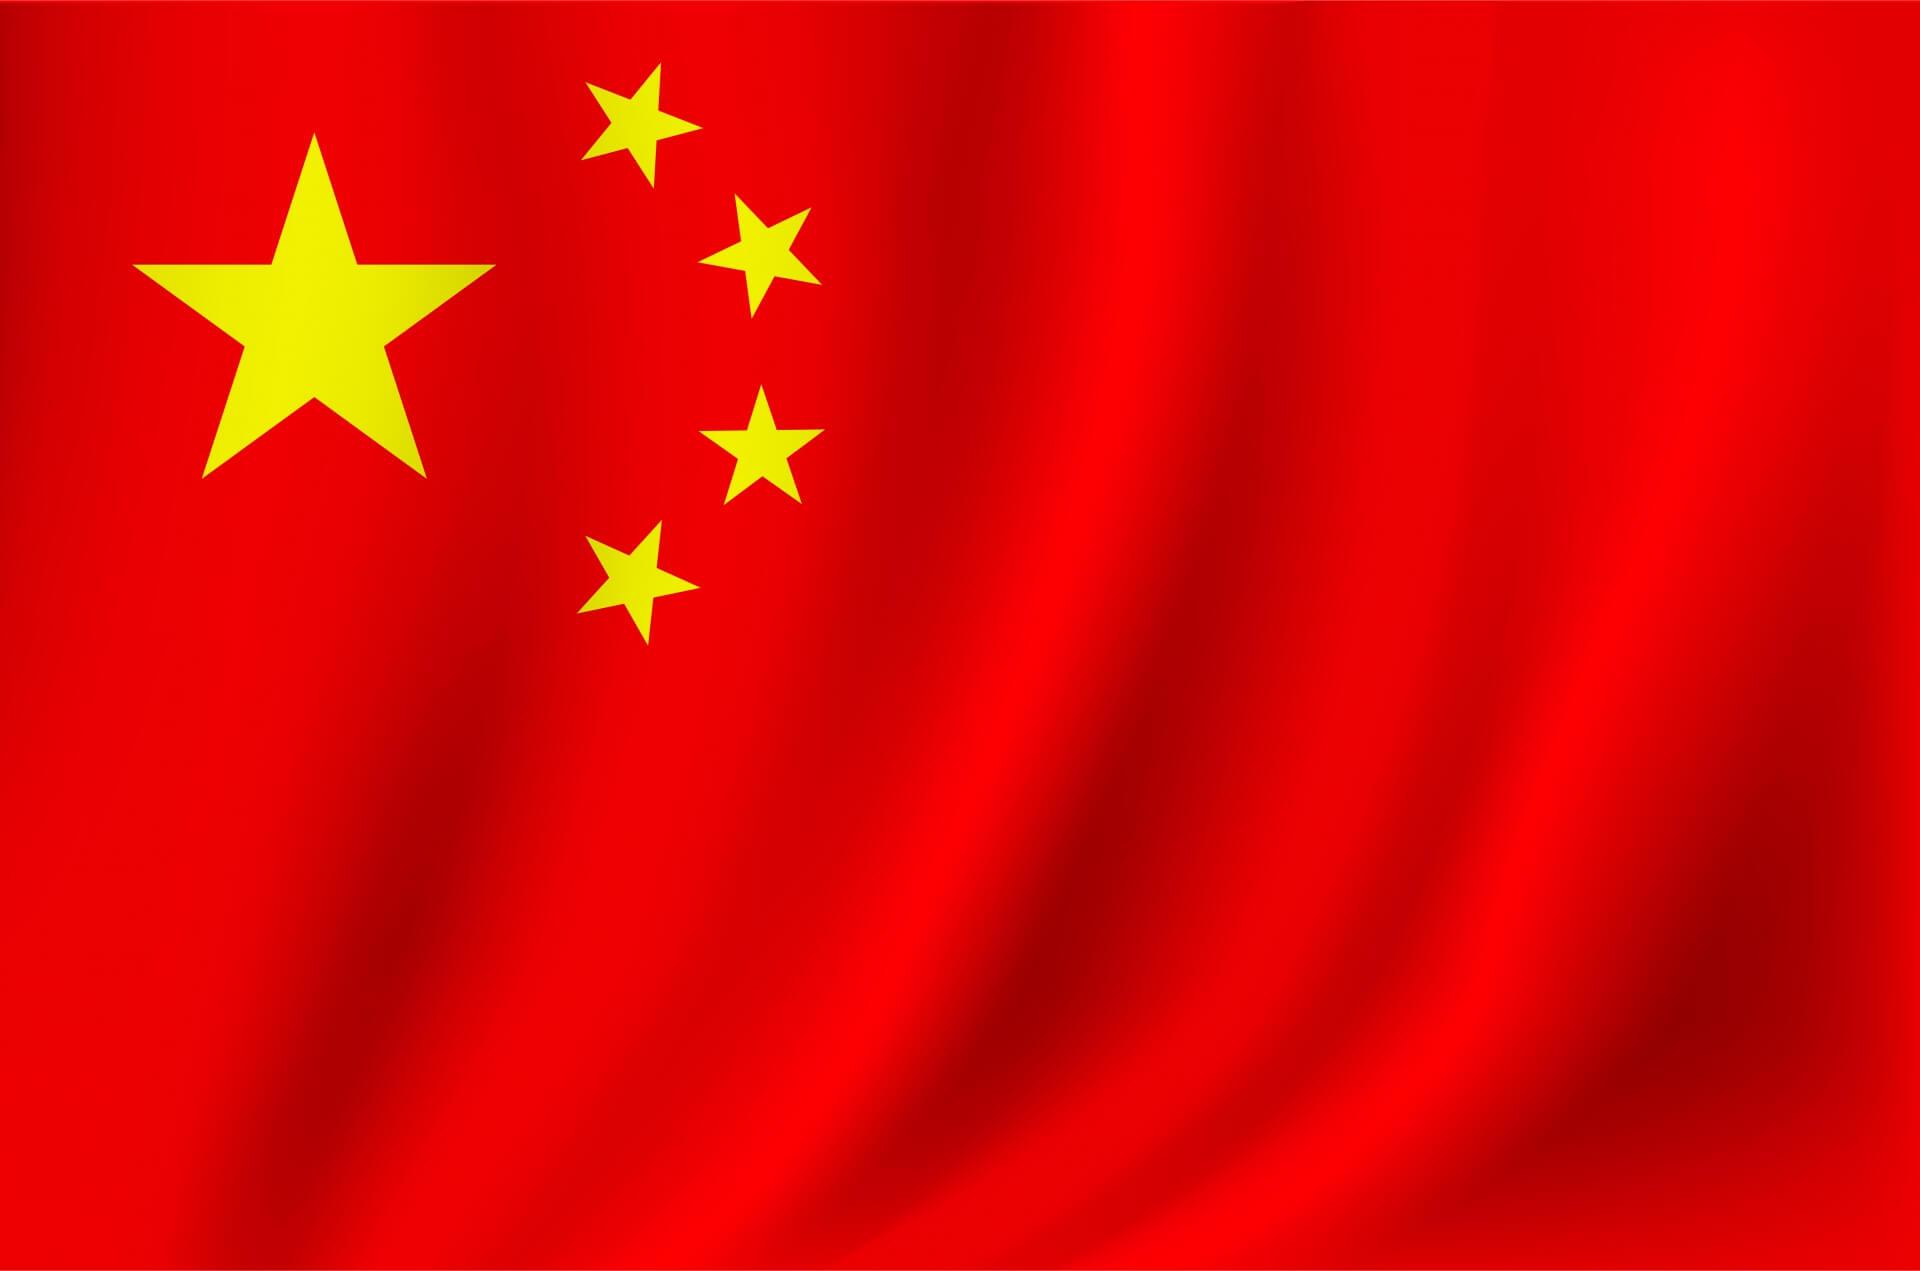 中国国旗 (1)